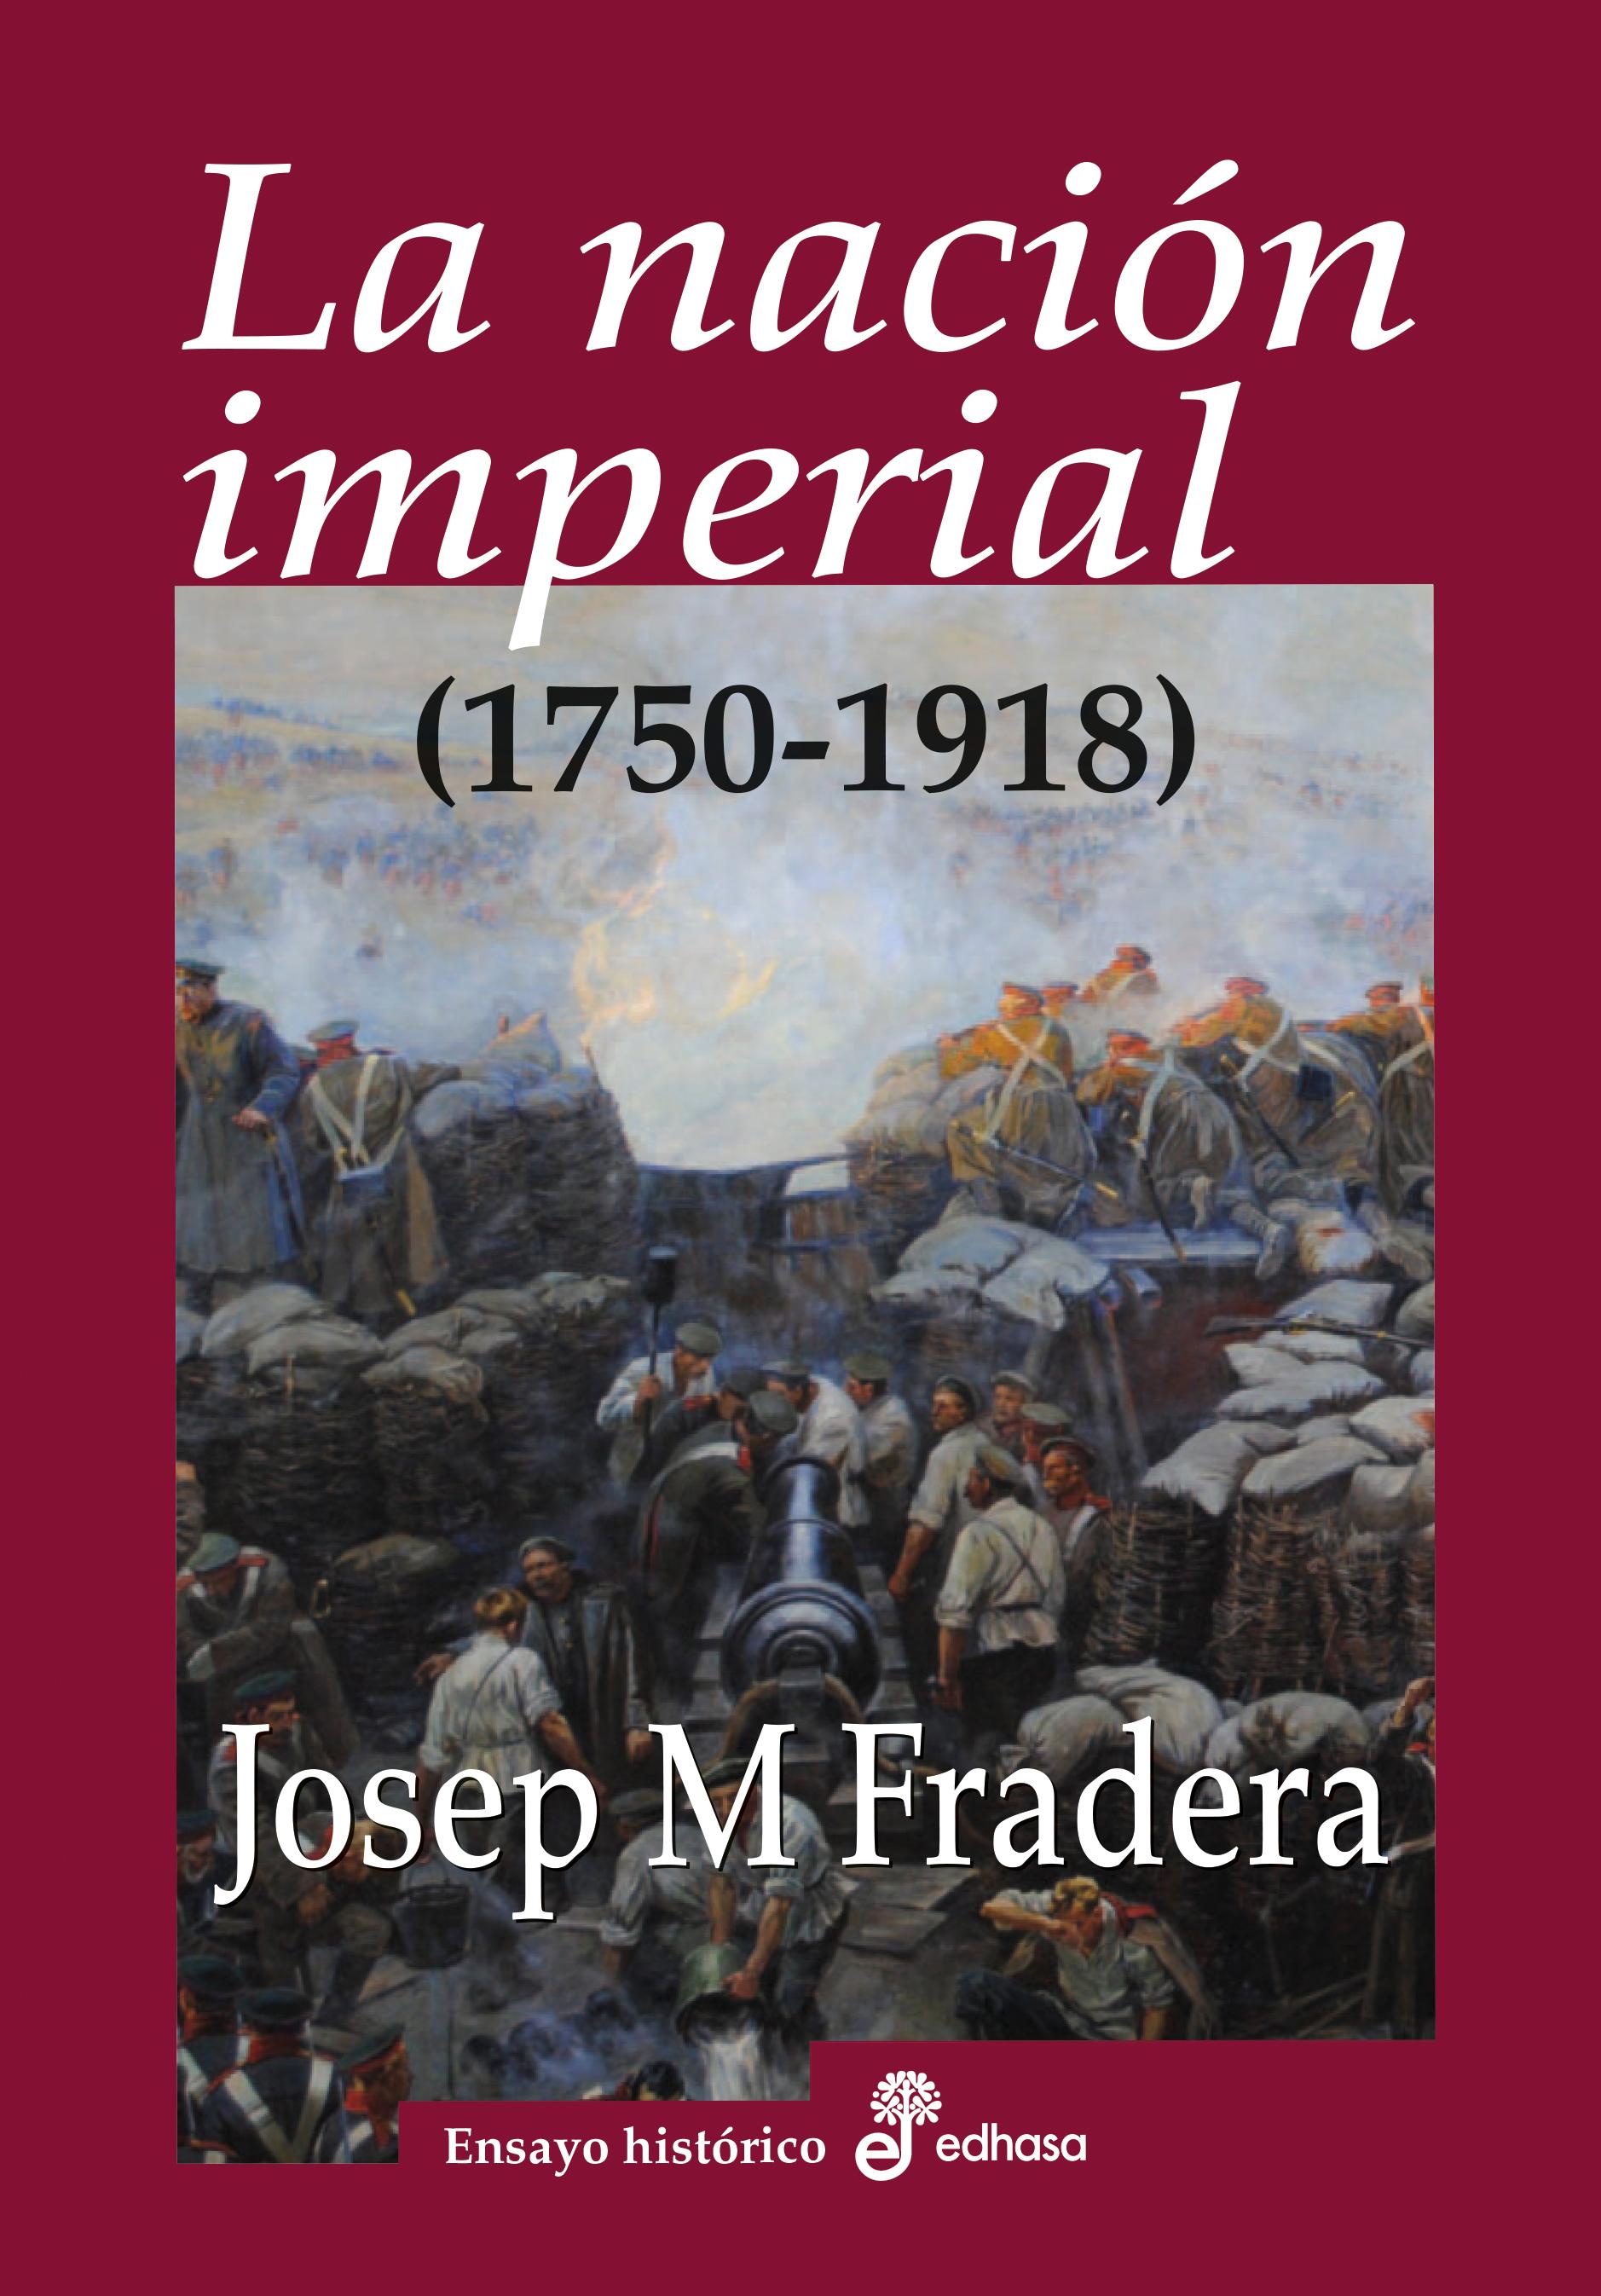 La nación imperial